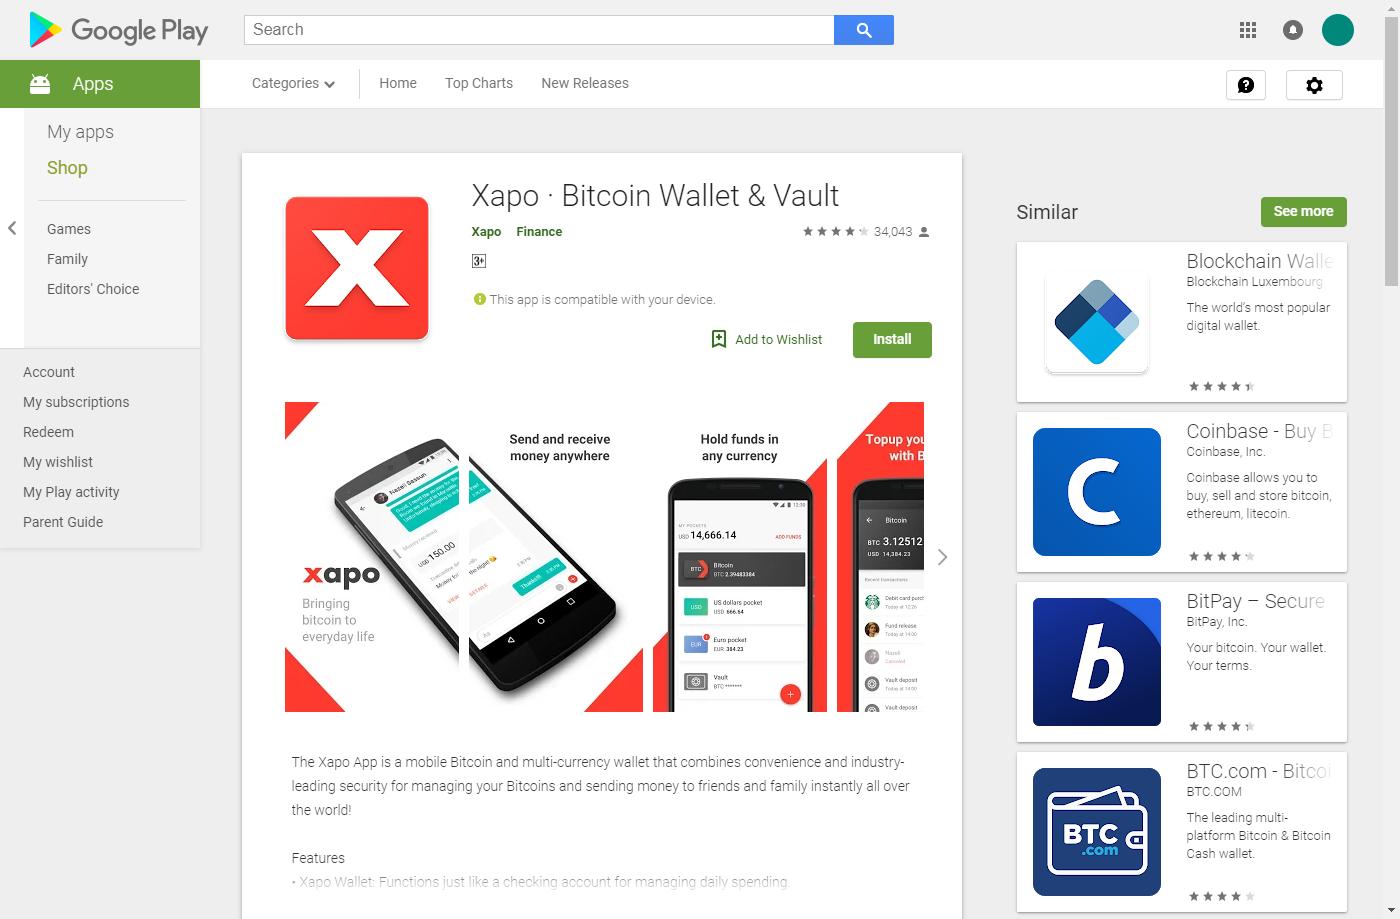 Xapo app